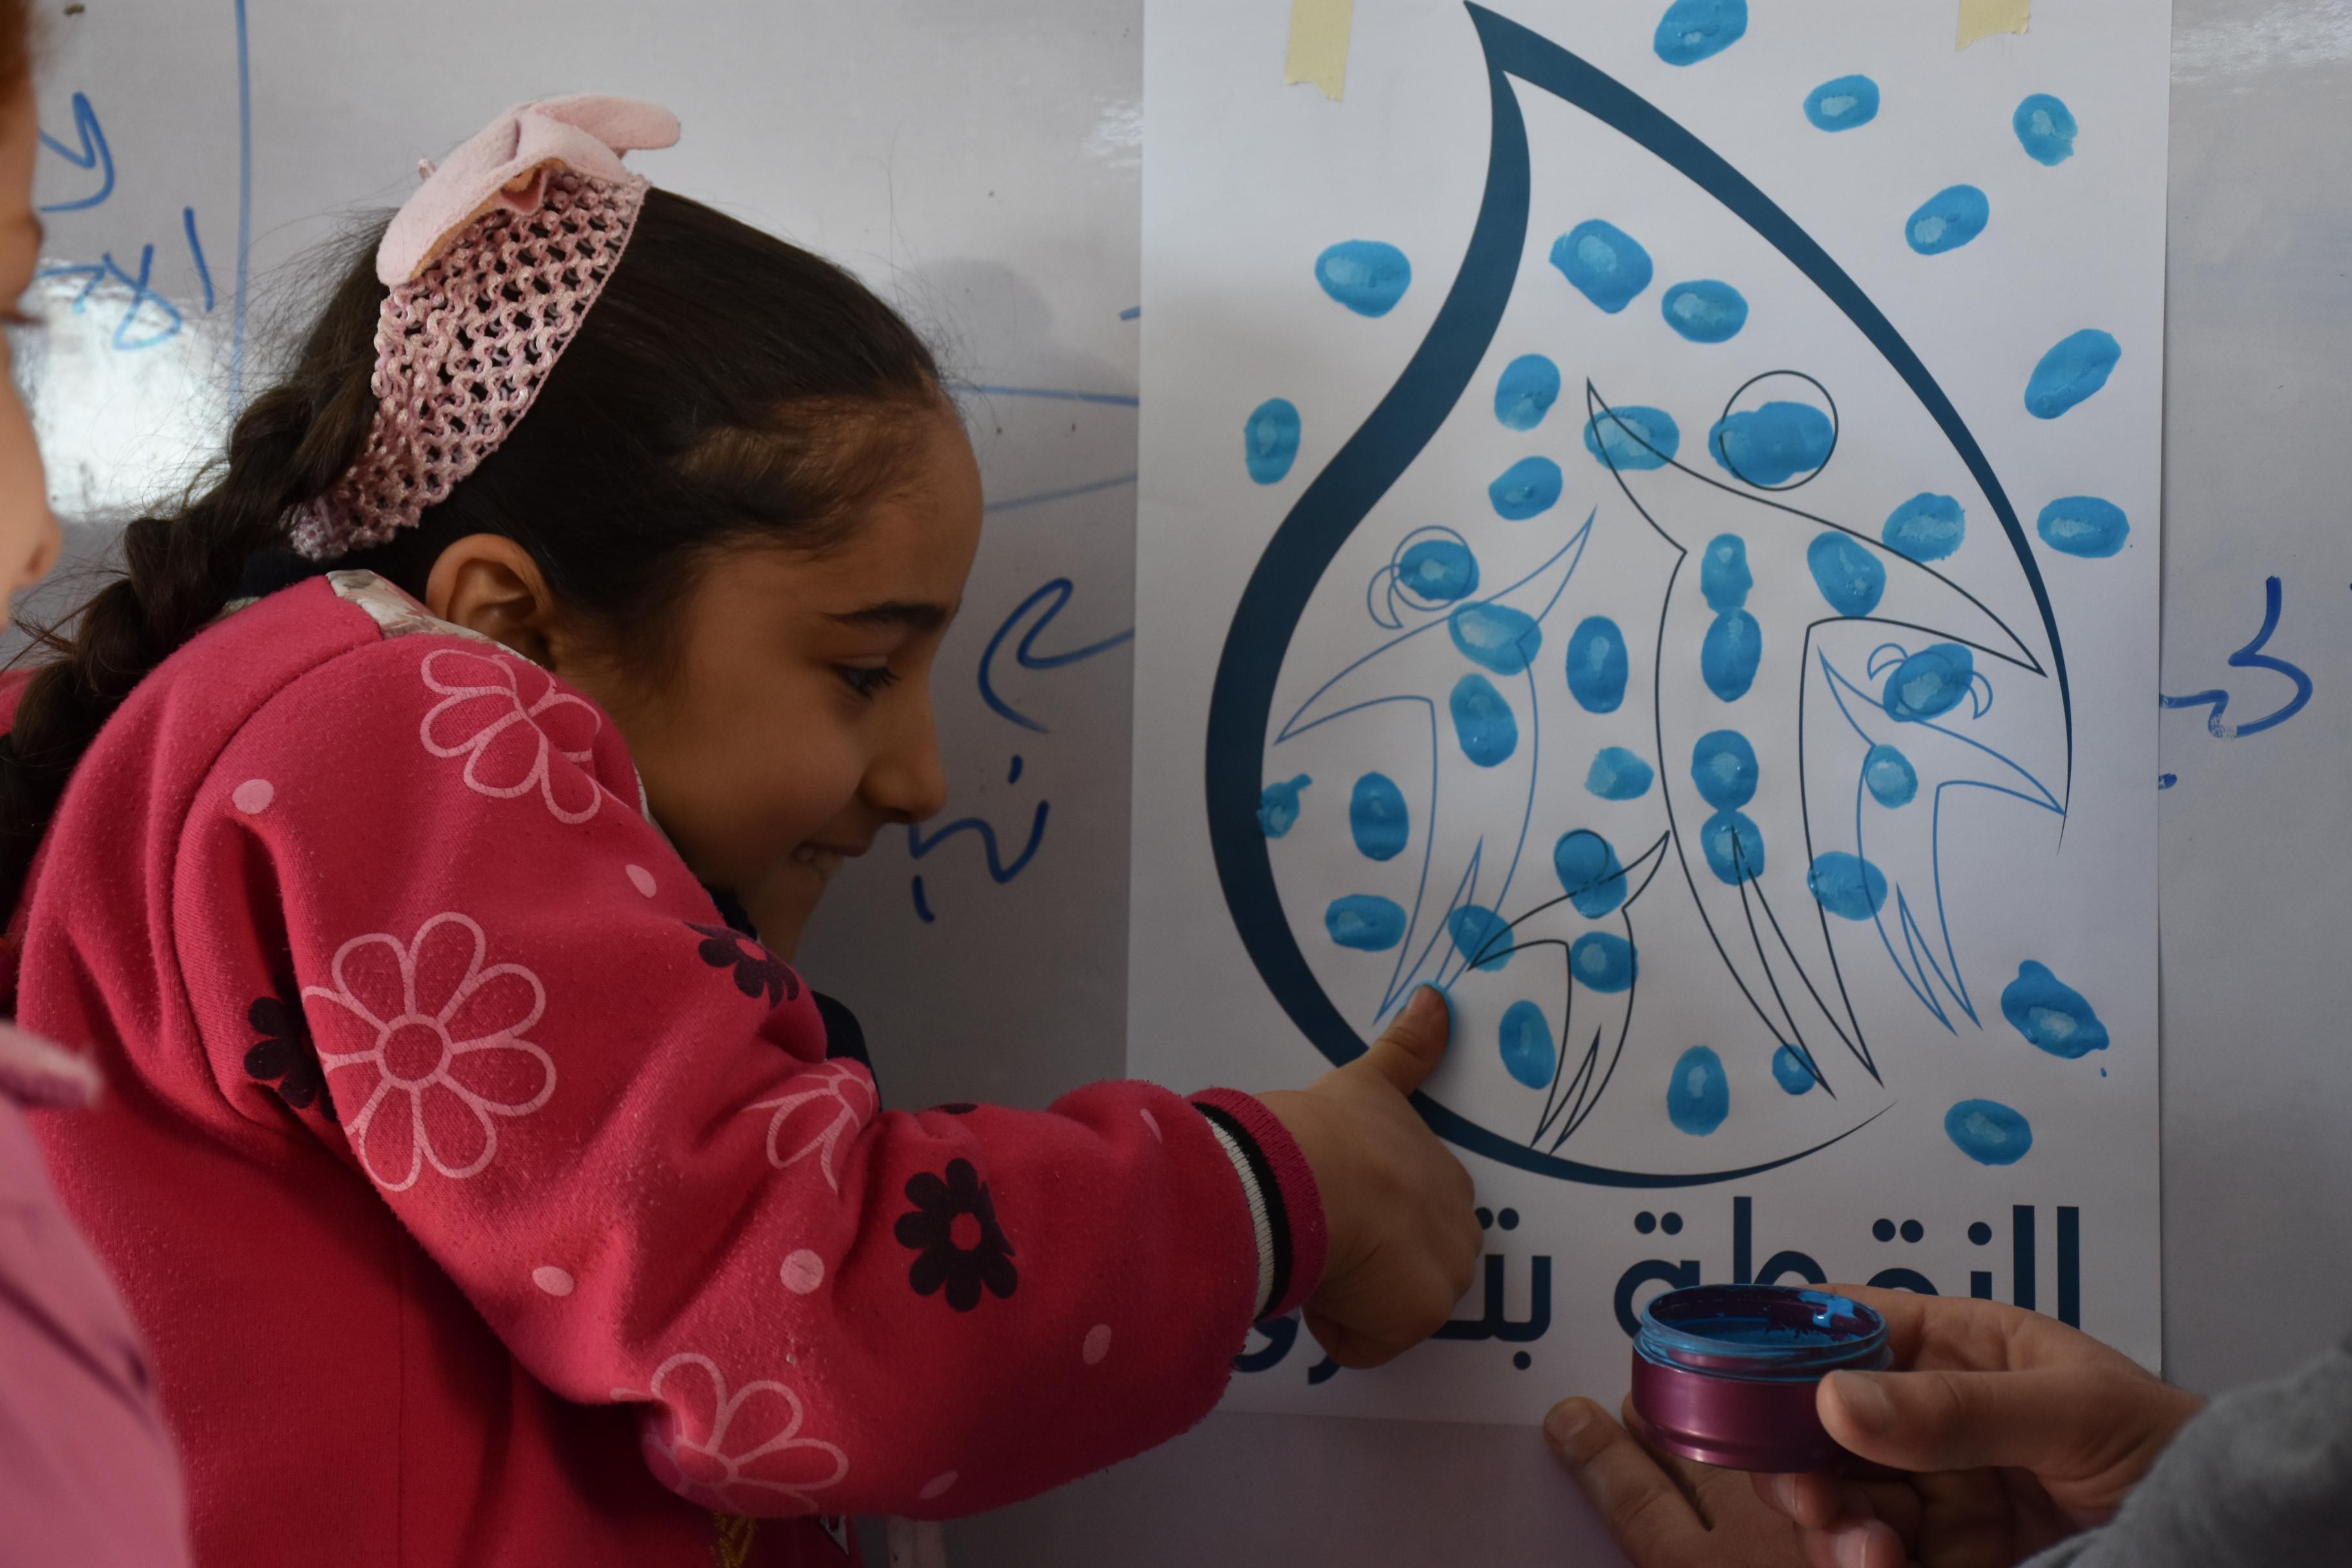 Eine Schülerin macht einen Fingerabdruck auf ein Poster